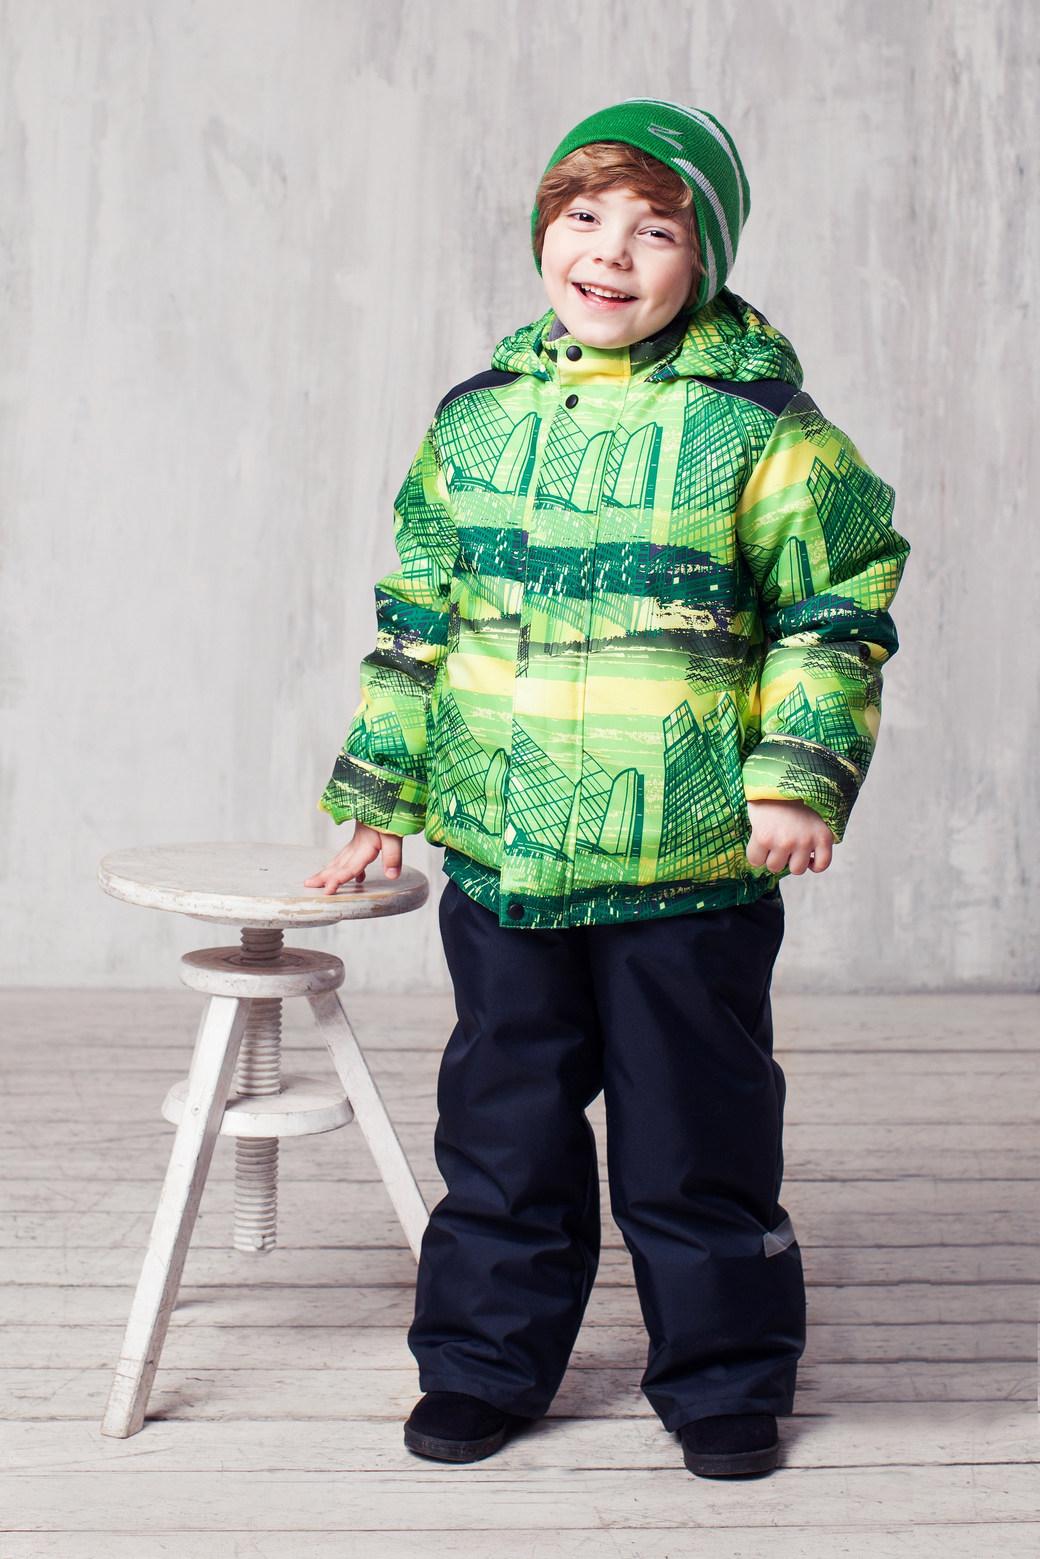 Комплект одежды для мальчика Гвидон. 1КС16221КС1622Высокопрочный костюм из зимней коллекции JICCO by OLDOS оснащен всем самым необходимым для комфортной носки. Пропитка Teflon защитит от грязи и воды, увеличивает износостойкость и облегчает уход. Мембрана 2000/2000 делает костюм дышащим и обеспечивает водонепроницаемость. Гипоаллергенный утеплитель HOLLOFAN 300/150 г - эффективно удерживает тепло, не впитывает влагу и запах. Флисовая подкладка в области груди, спины и воротника, в рукавах и полукомбинезоне гладкий полиэстер для легкости одевания. Костюм может расти вместе с ребенком за счет отворотов. По краю капюшона и низу куртки вшита резинка, обеспечивающая лучшее прилегание. Противоснежные муфты, трикотажные манжеты, ветрозащитные планки и воротник-стойка прекрасно защитят от снега и ветра. Полукомбинезон хорошо закрывает грудку и спинку ребенка, а широкие эластичные лямки легко регулируются по высоте. Карманы в куртке на молнии, в полукомбинезоне карманов нет. Есть светоотражающие элементы. Температура -30 С...+0 С.